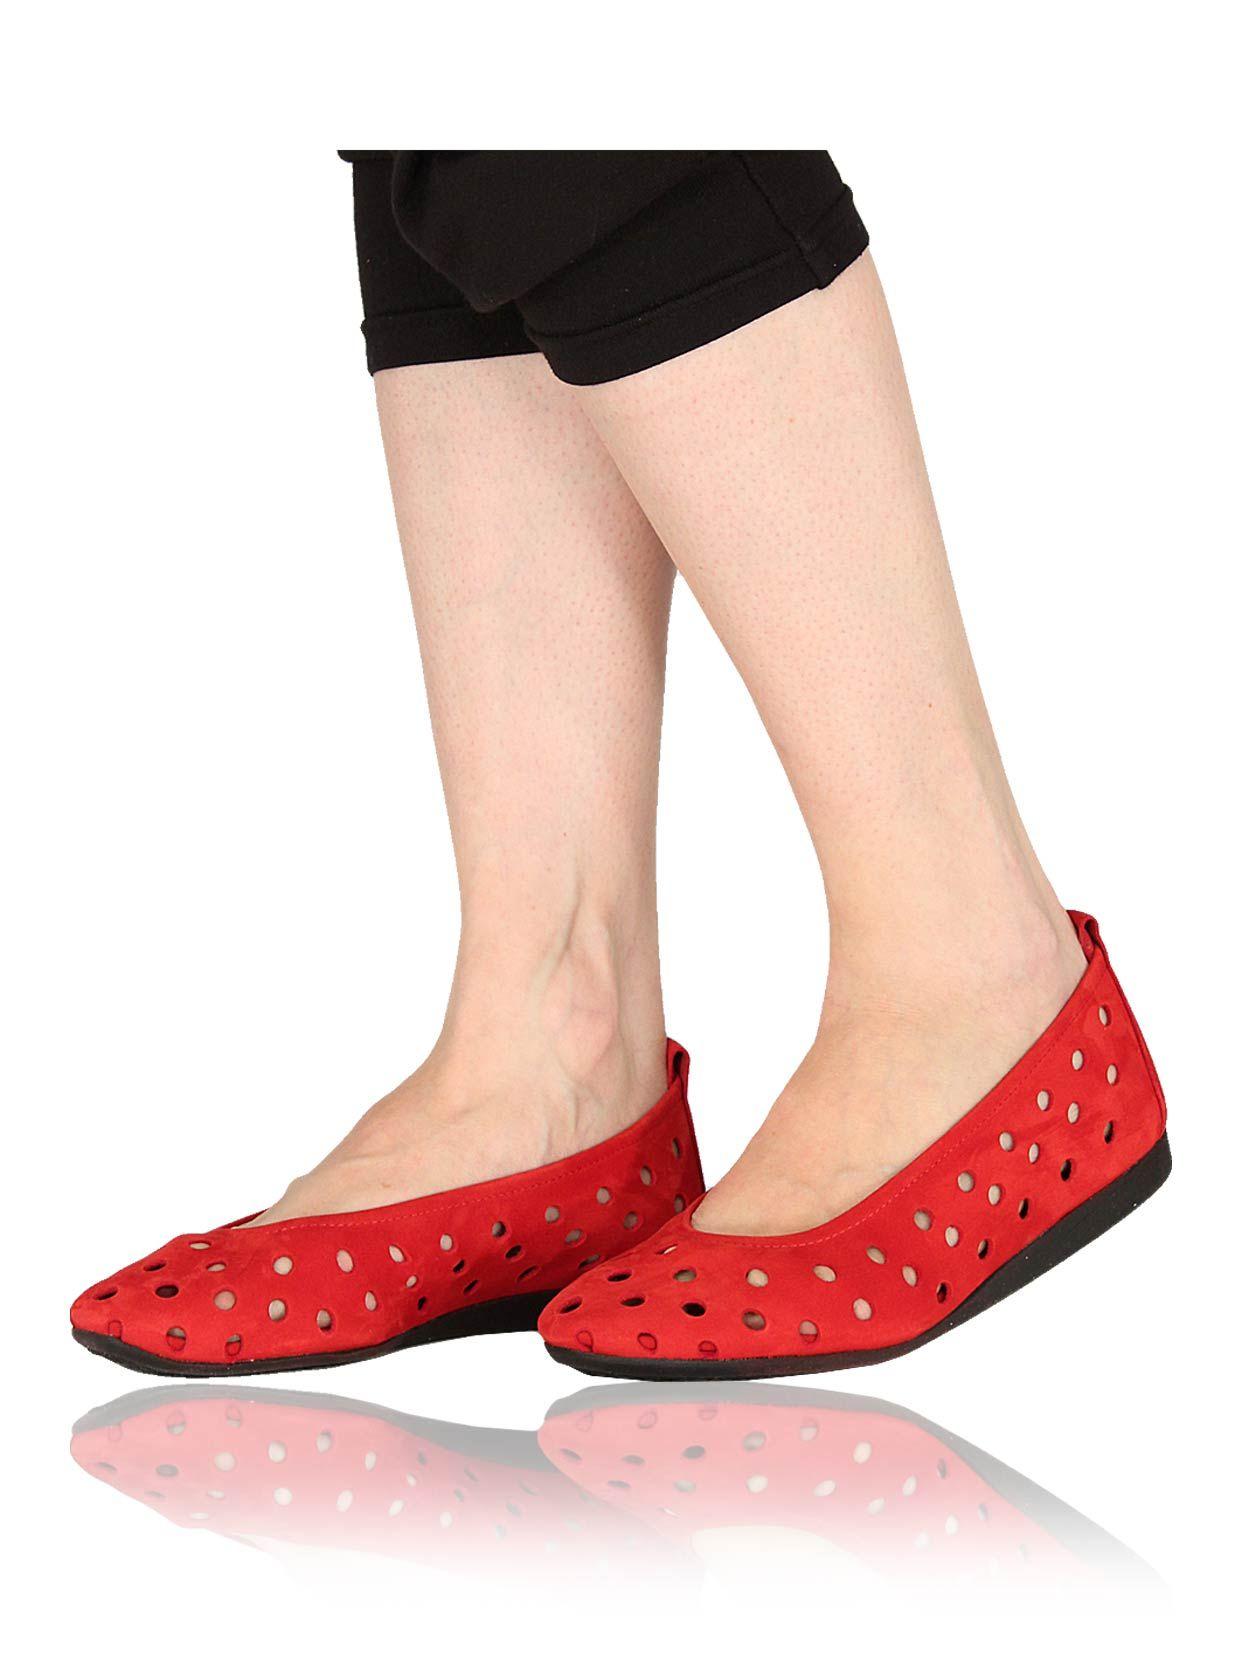 Arche, Pumps Jodama, dunkelblau   Arche Shoes at